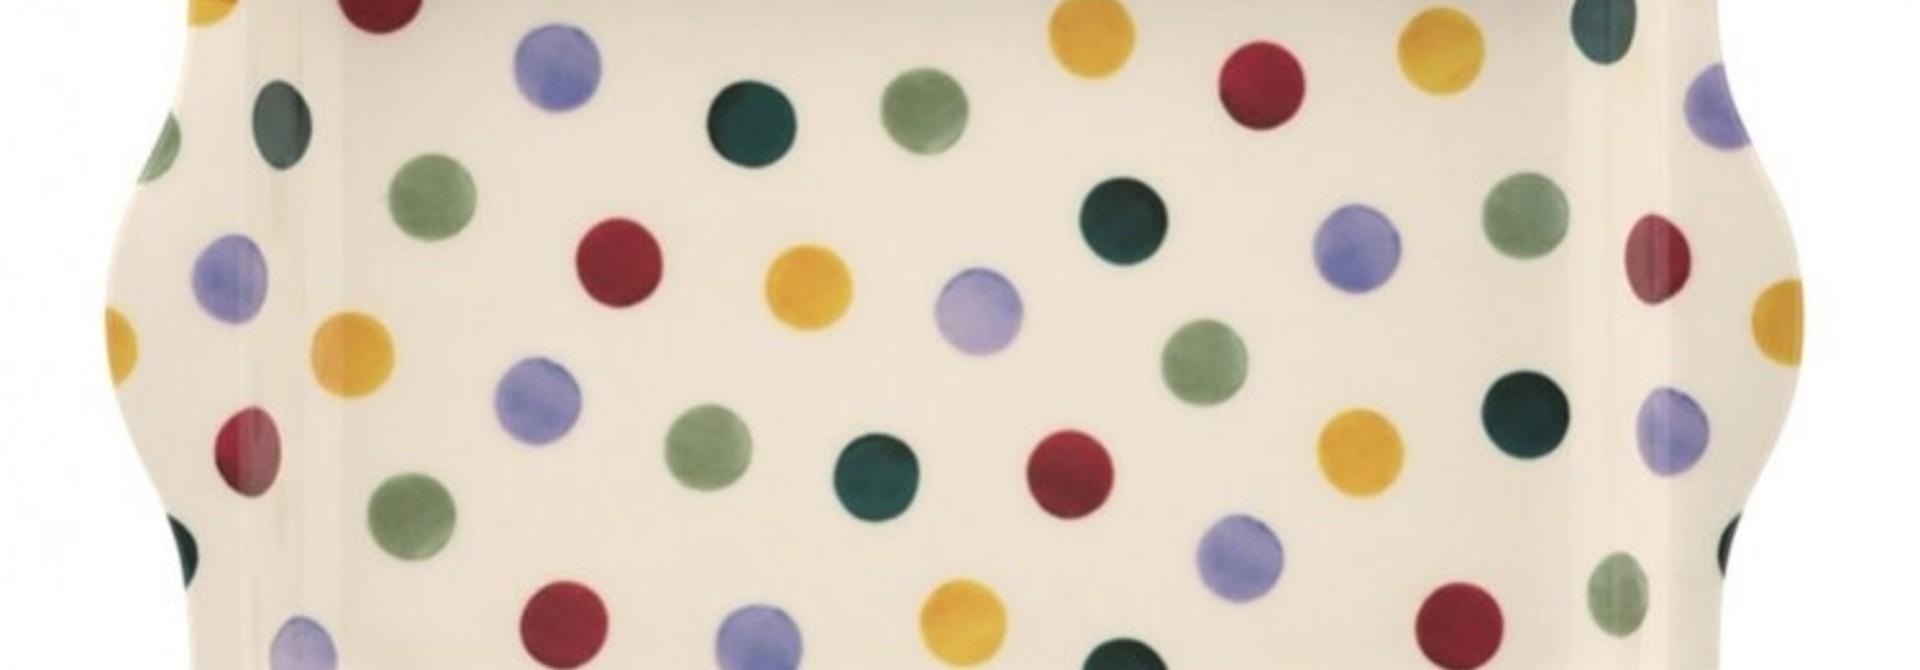 Polka Dot - Small Melamine Tray